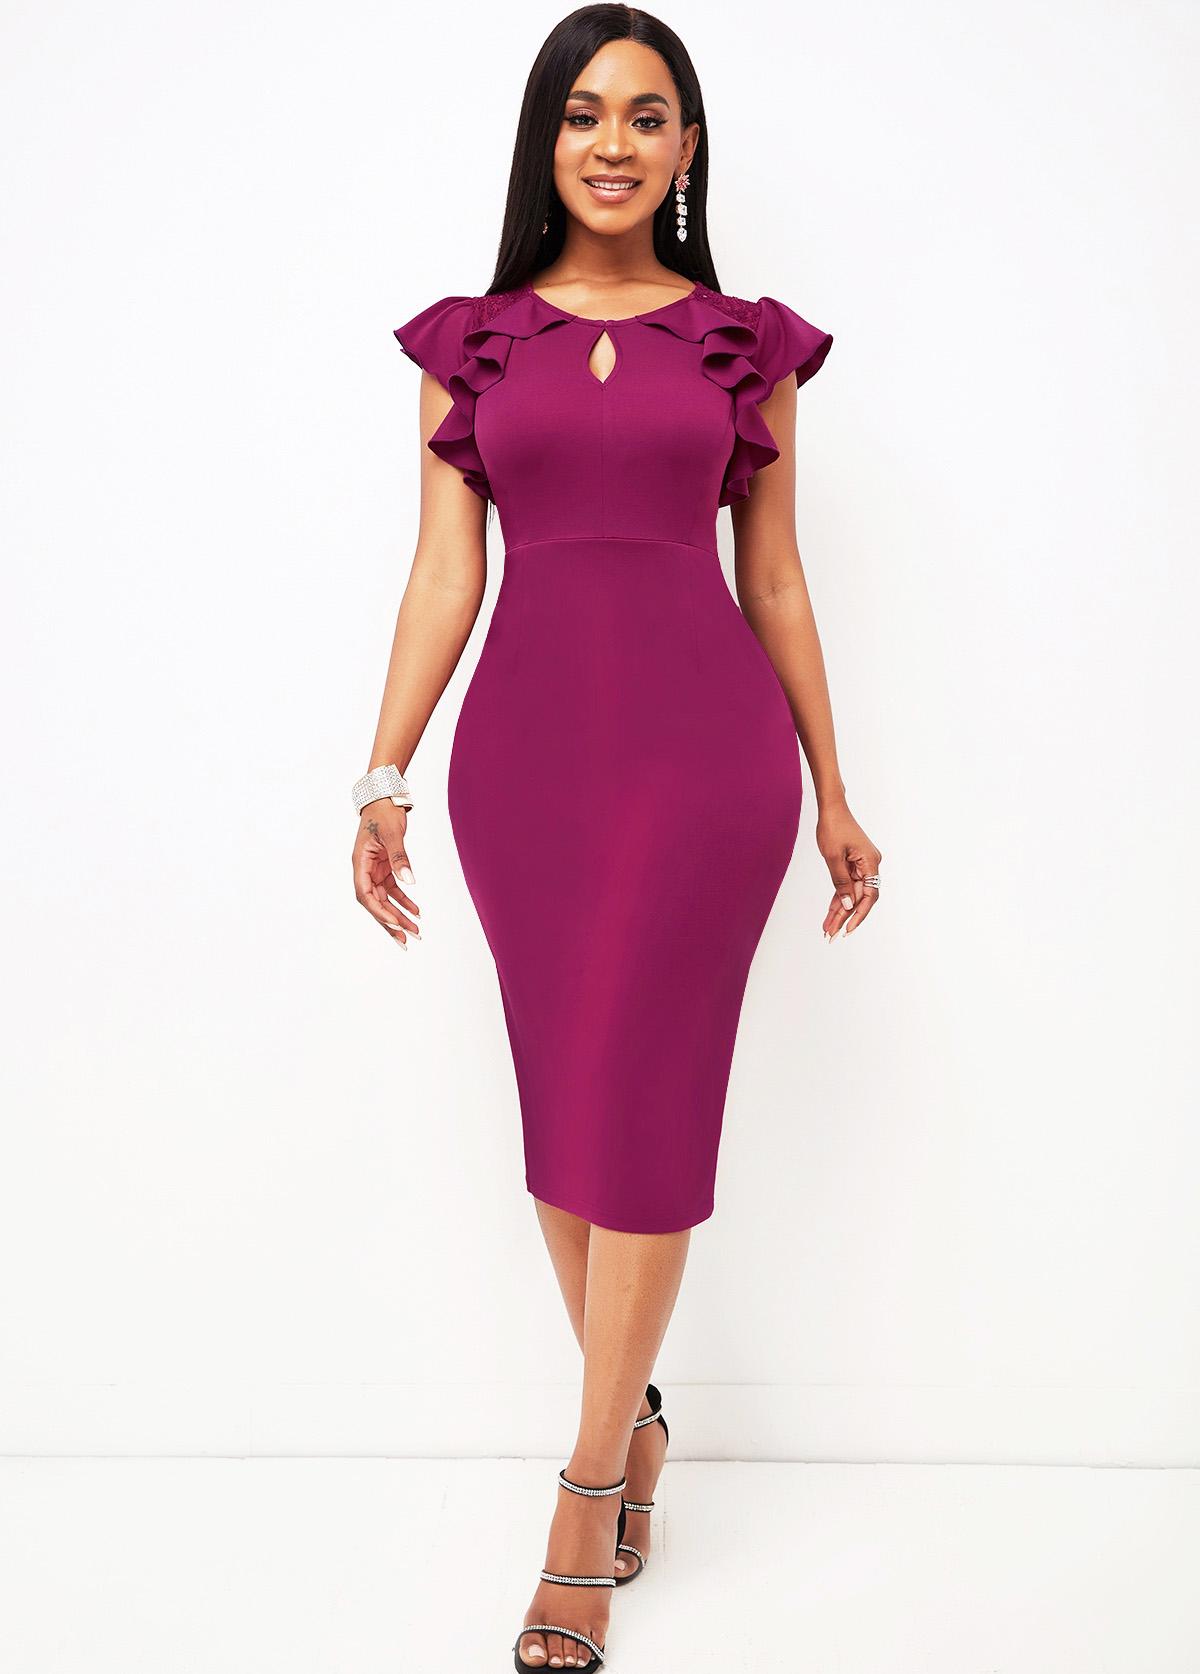 Ruffle Sleeve Lace Stitching Keyhole Neckline Dress